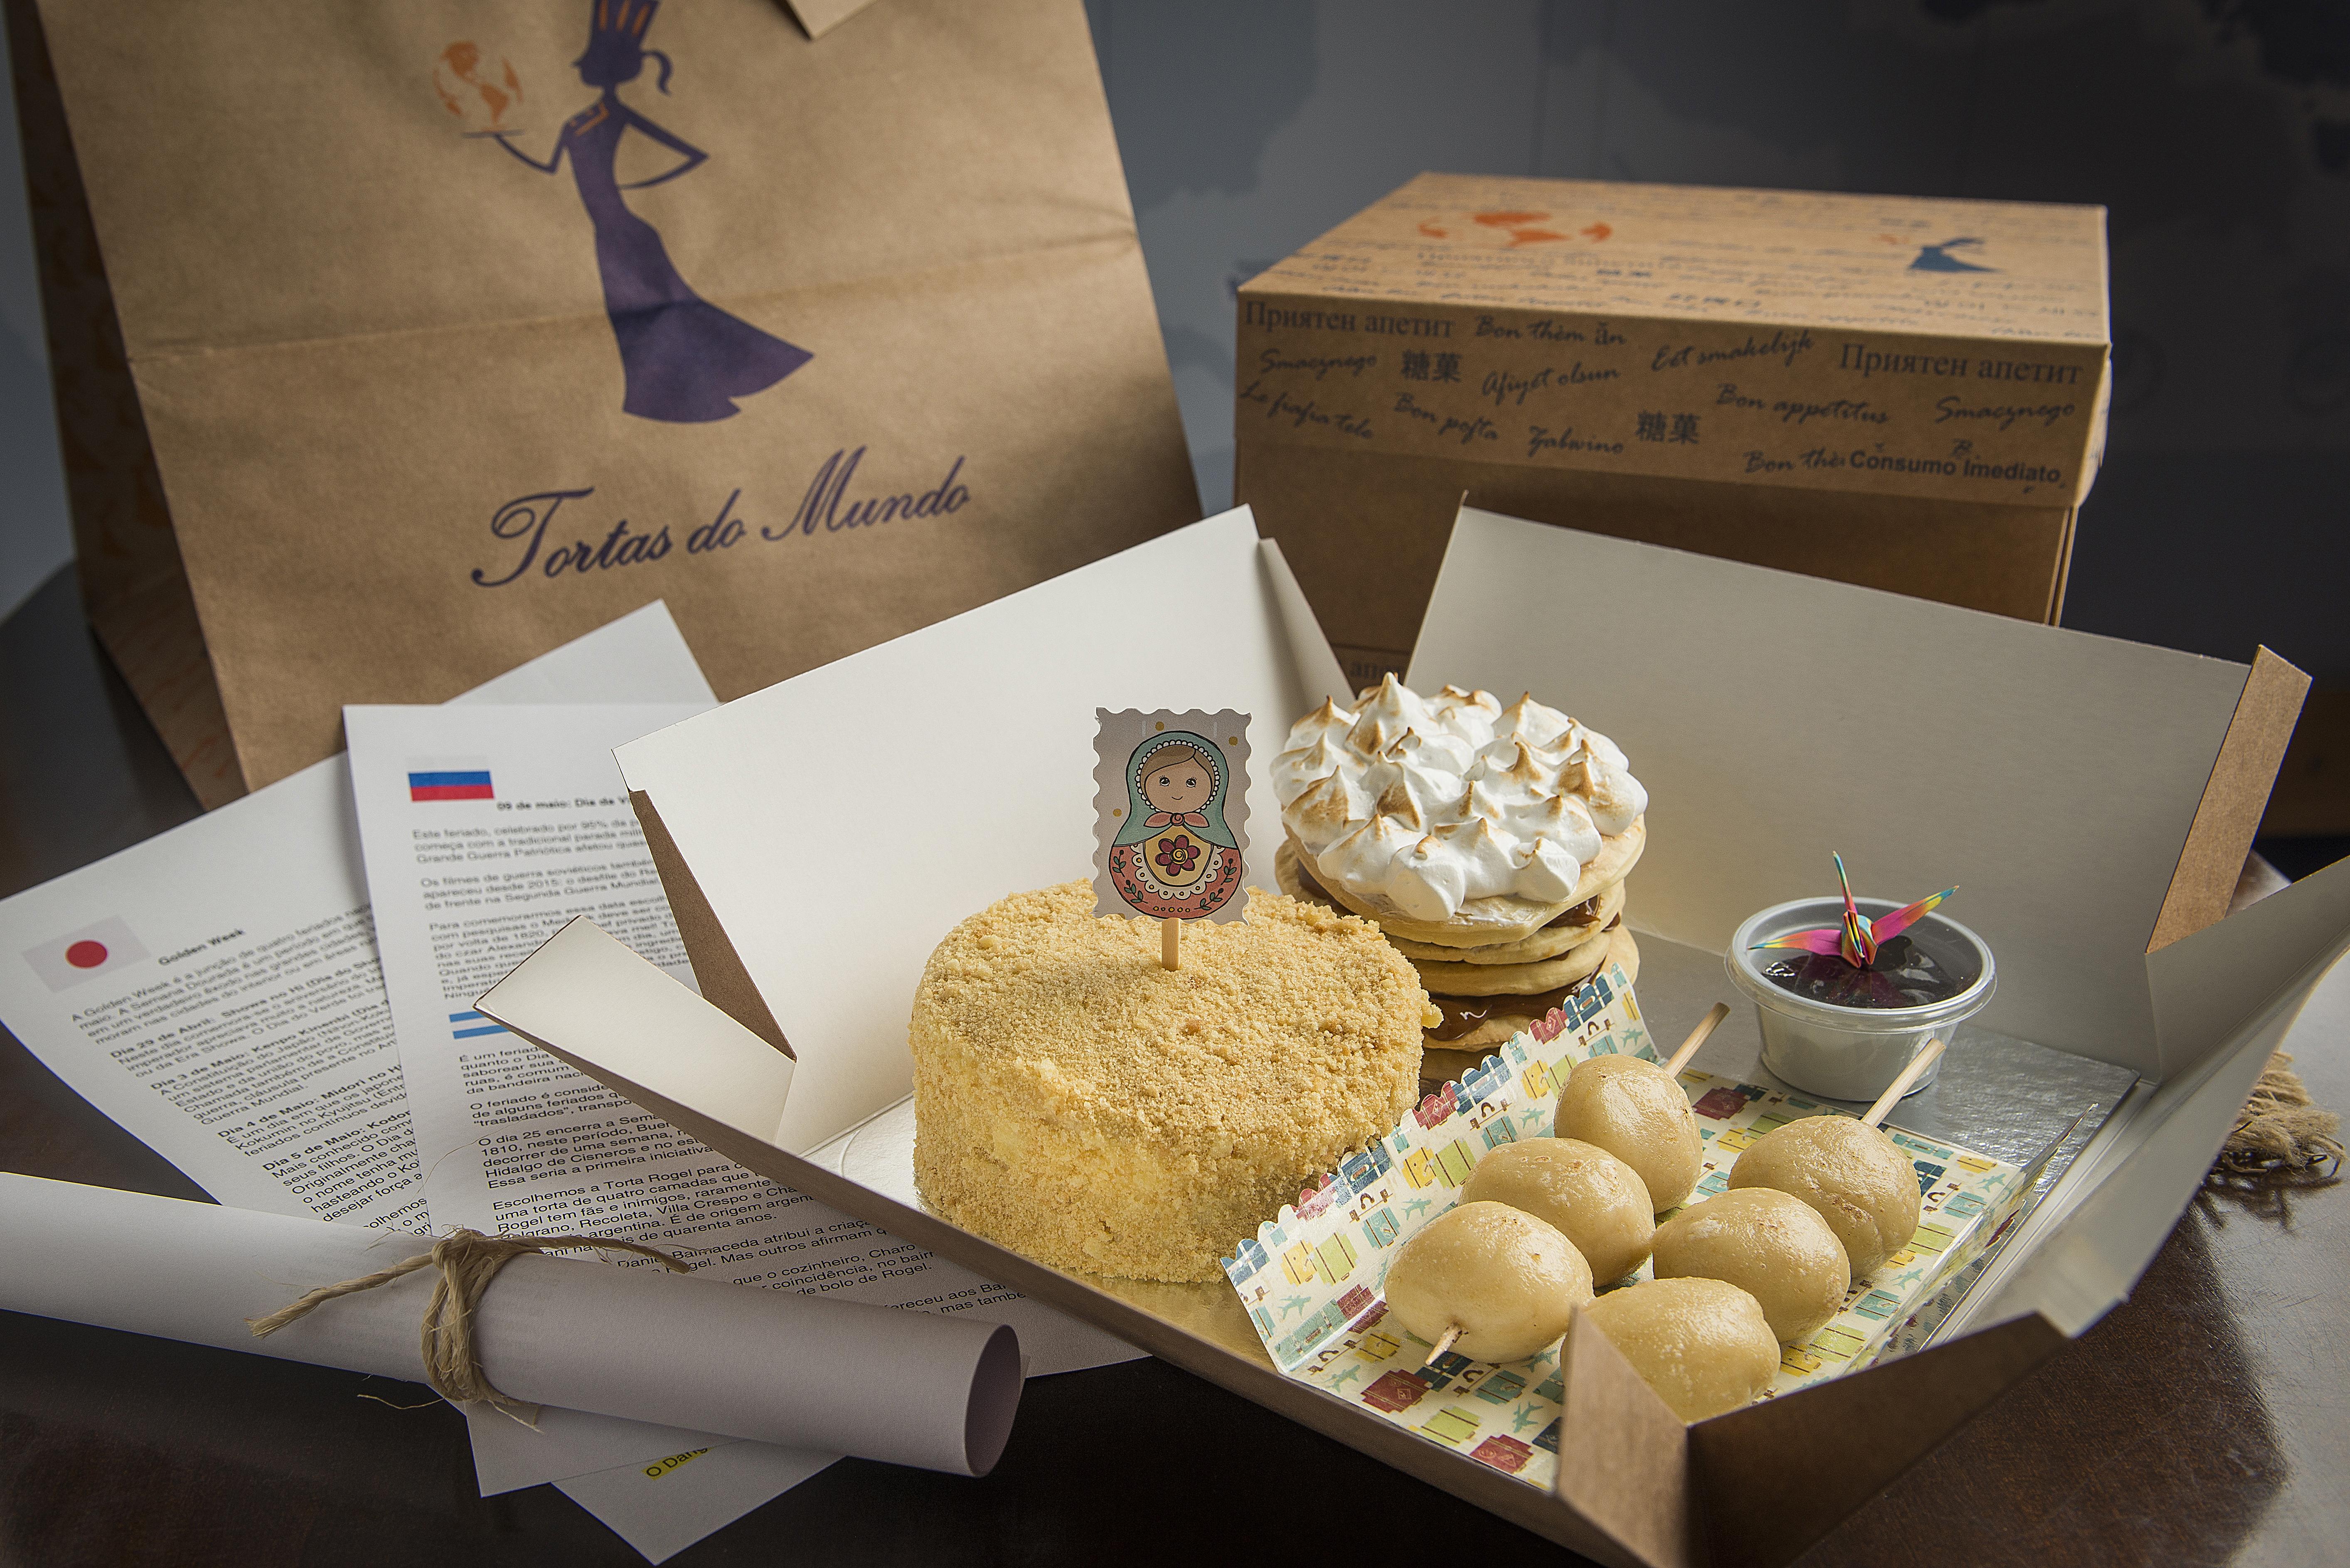 A Caixa de sabores do Tortas do Mundo neste mês de maio, comemora com tortas datas nacionais de Rússia, Argentina e Japão.